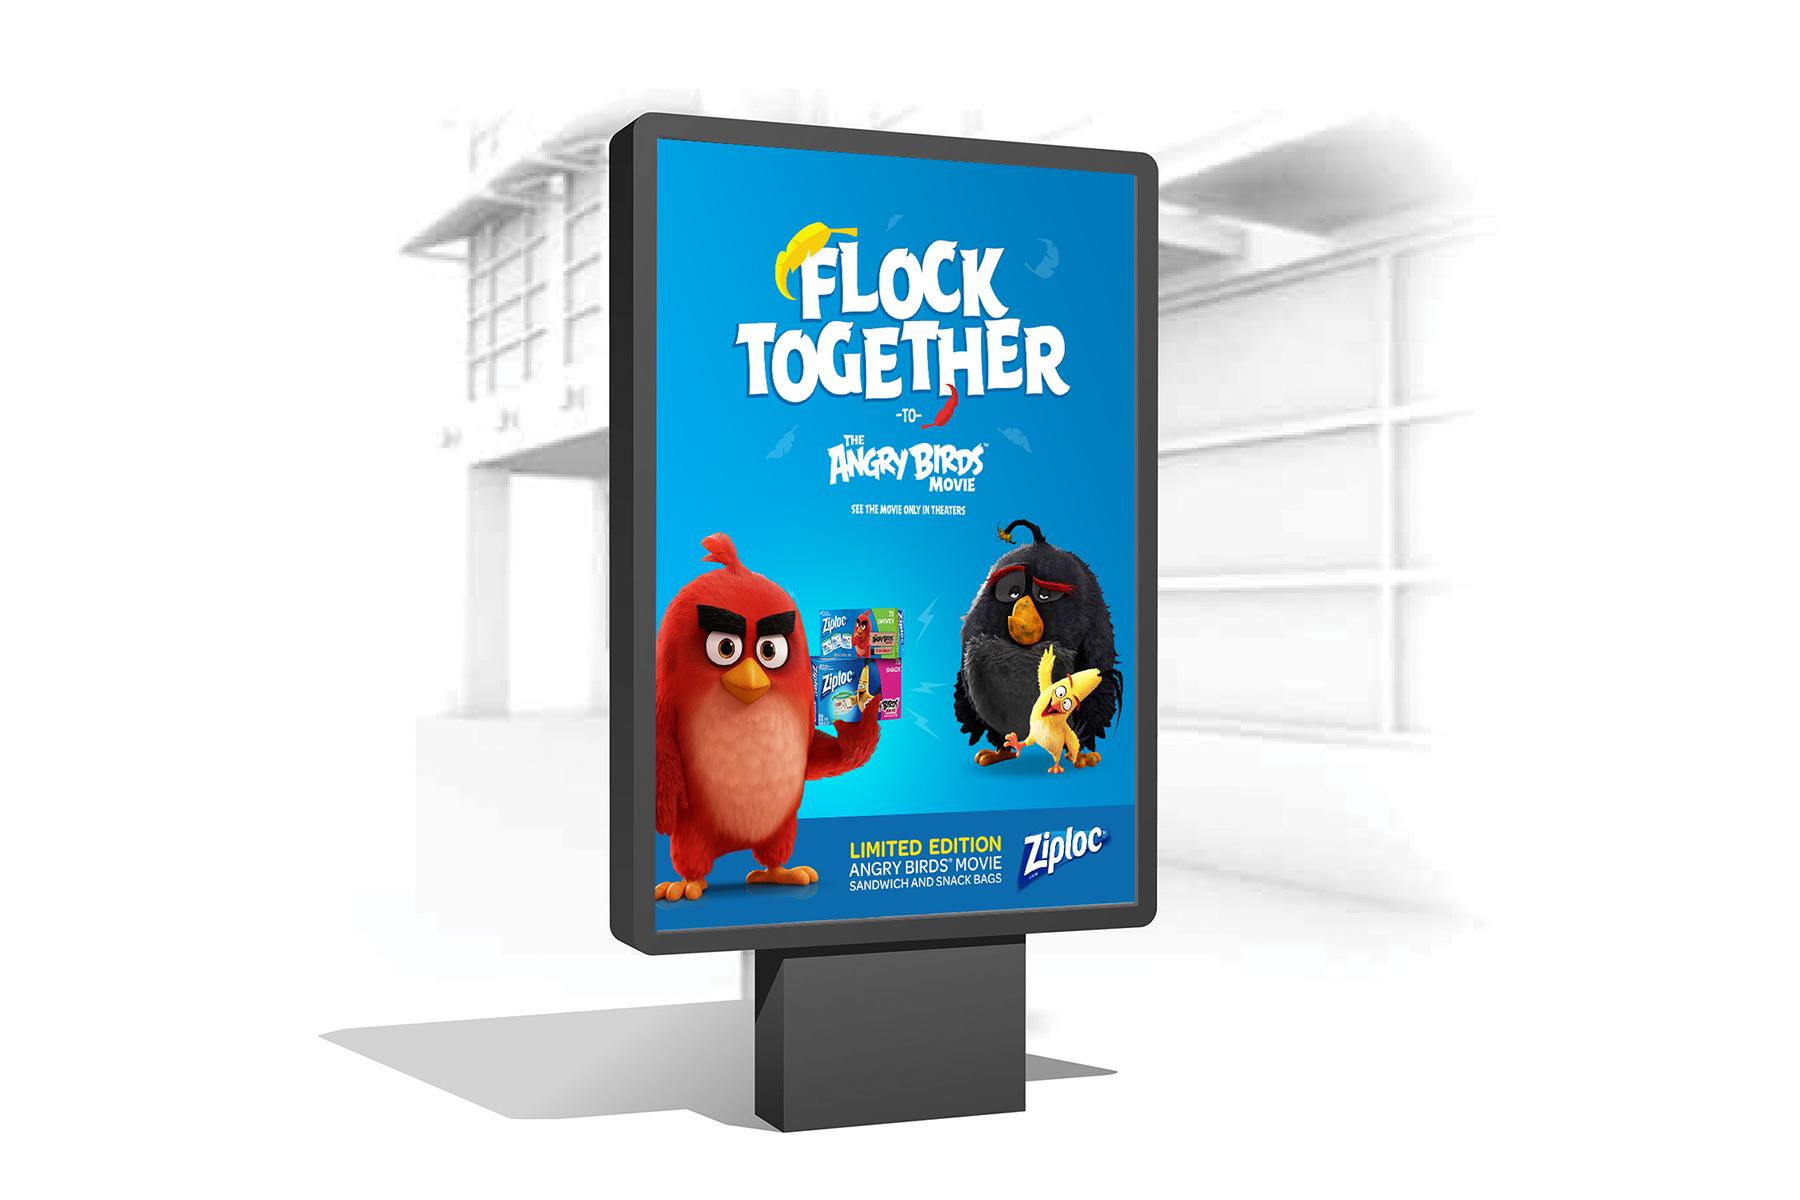 Ziploc_AngryBirds_6x4_Poster.jpg